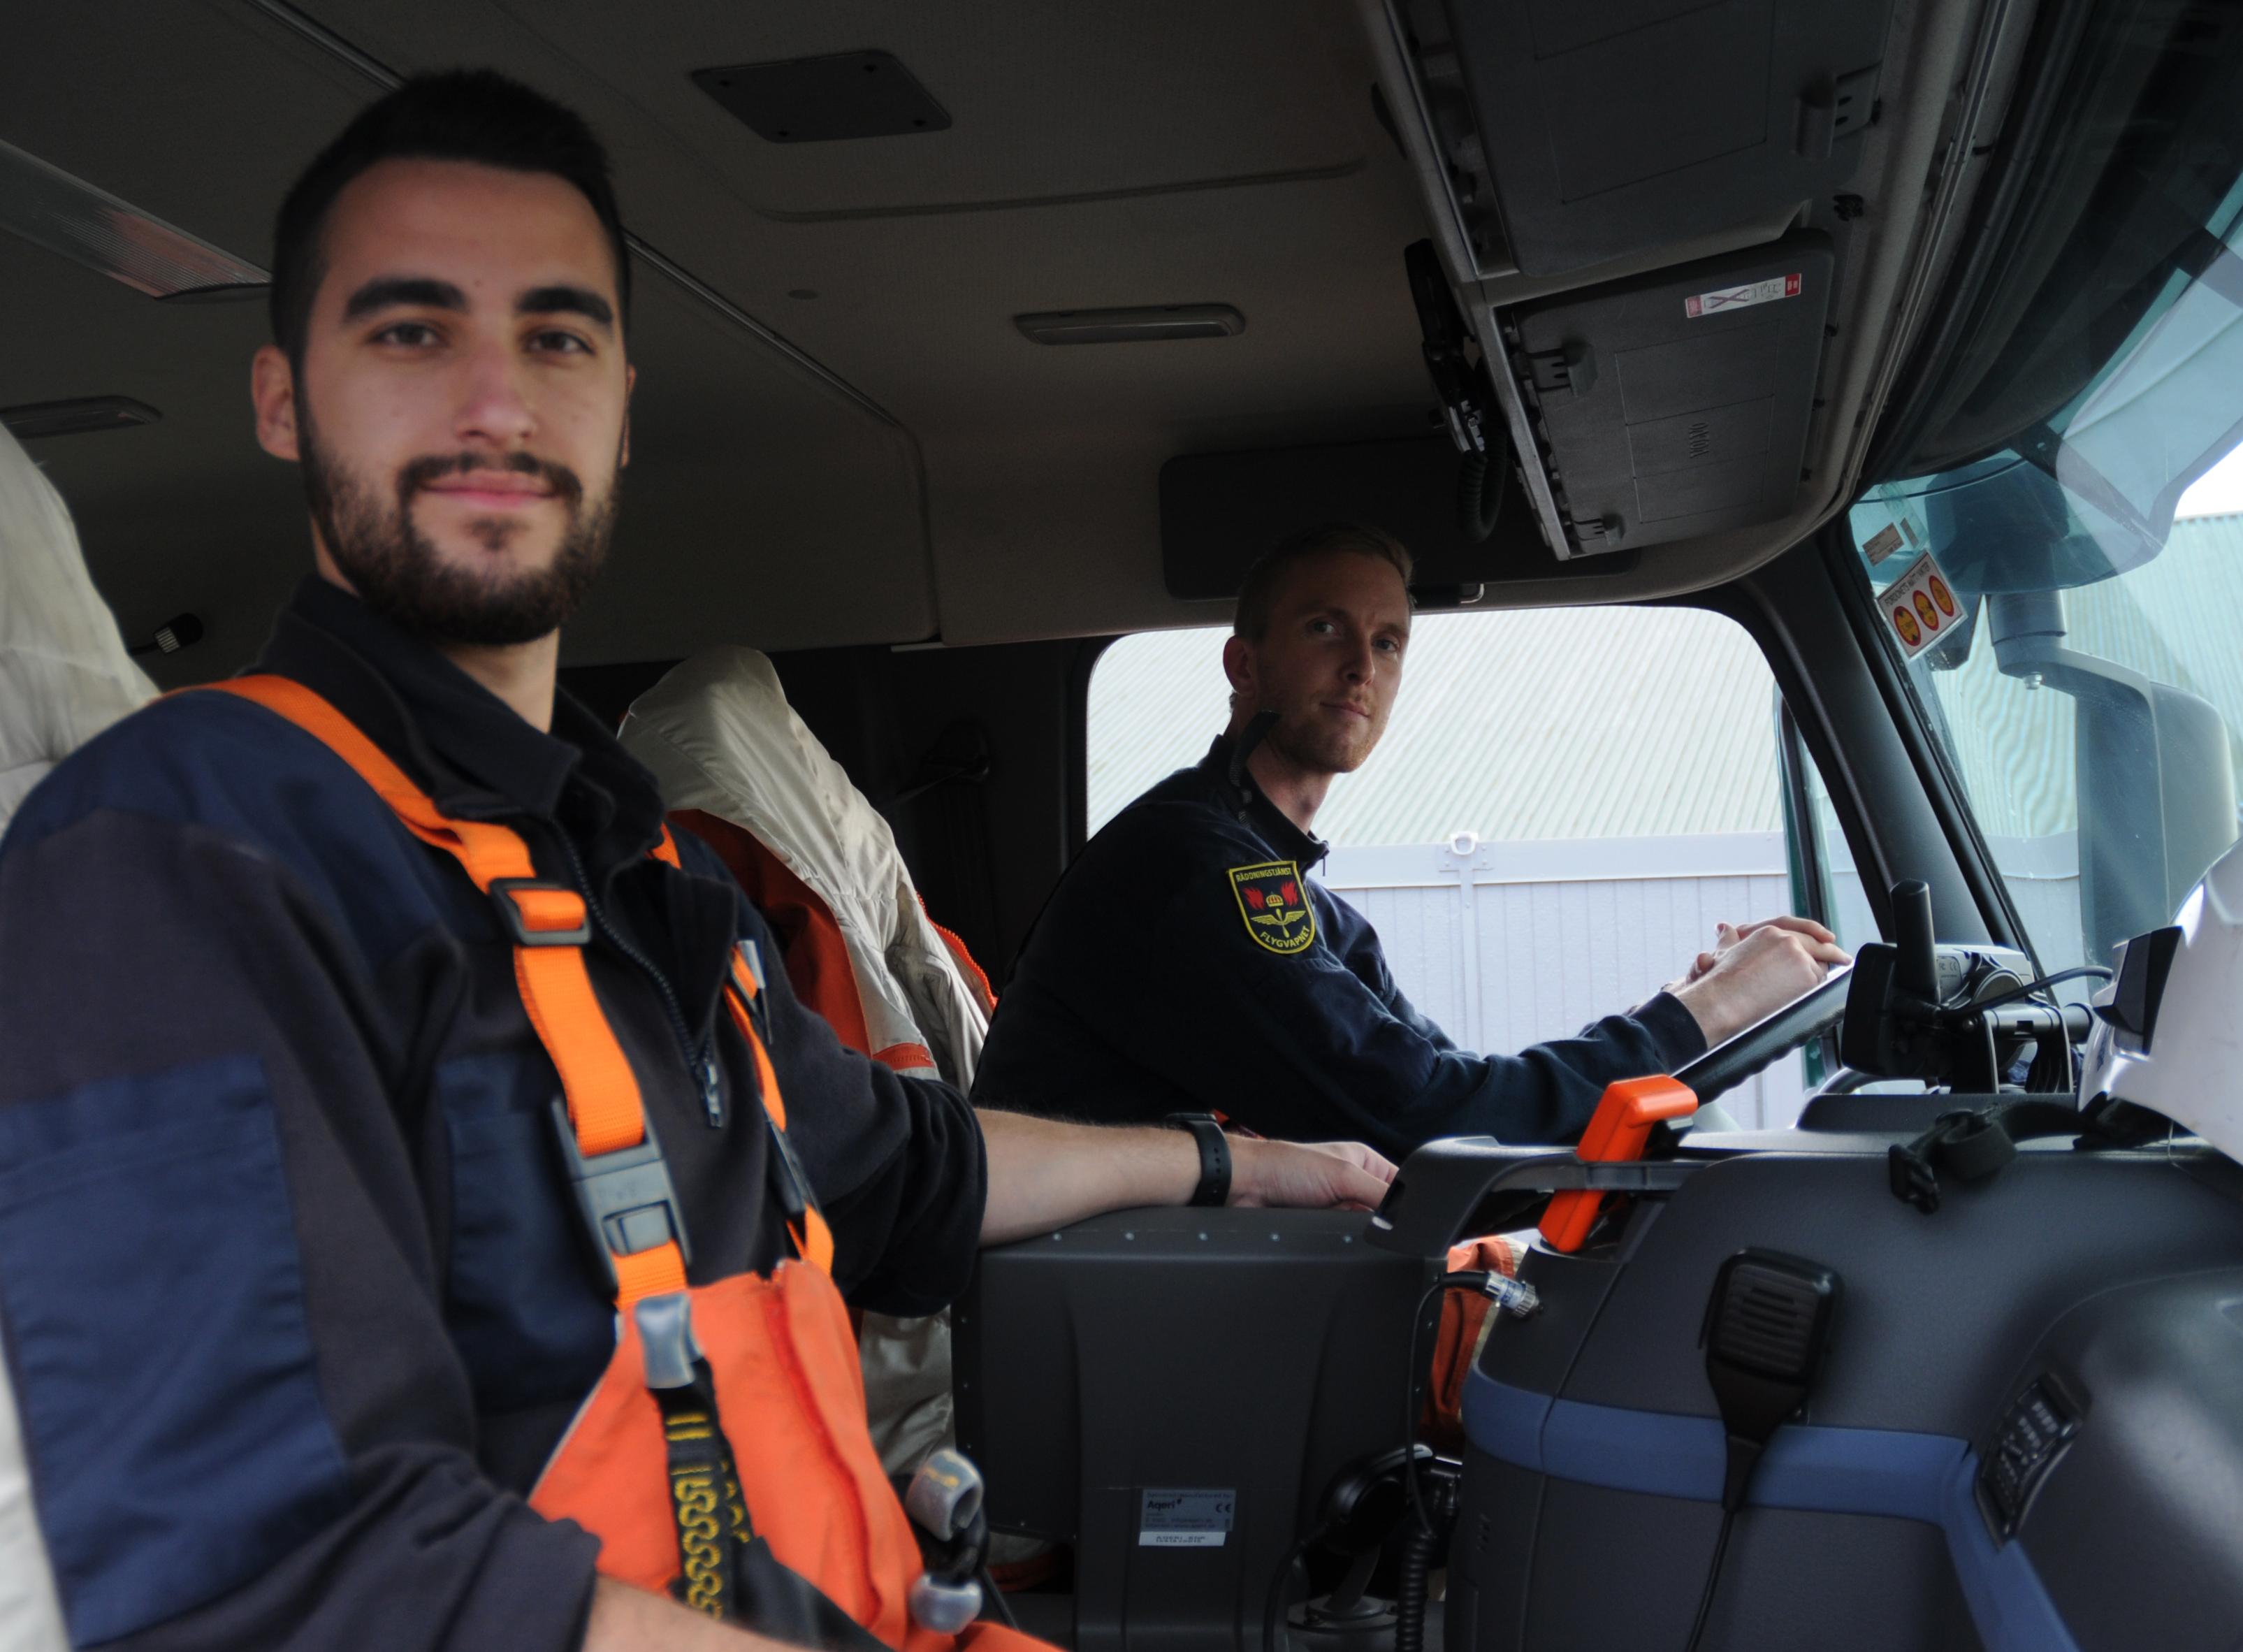 Klas är insatsledare och Steve är gruppchef inom räddningstjänsten på Visby flygbas under FVÖ 15